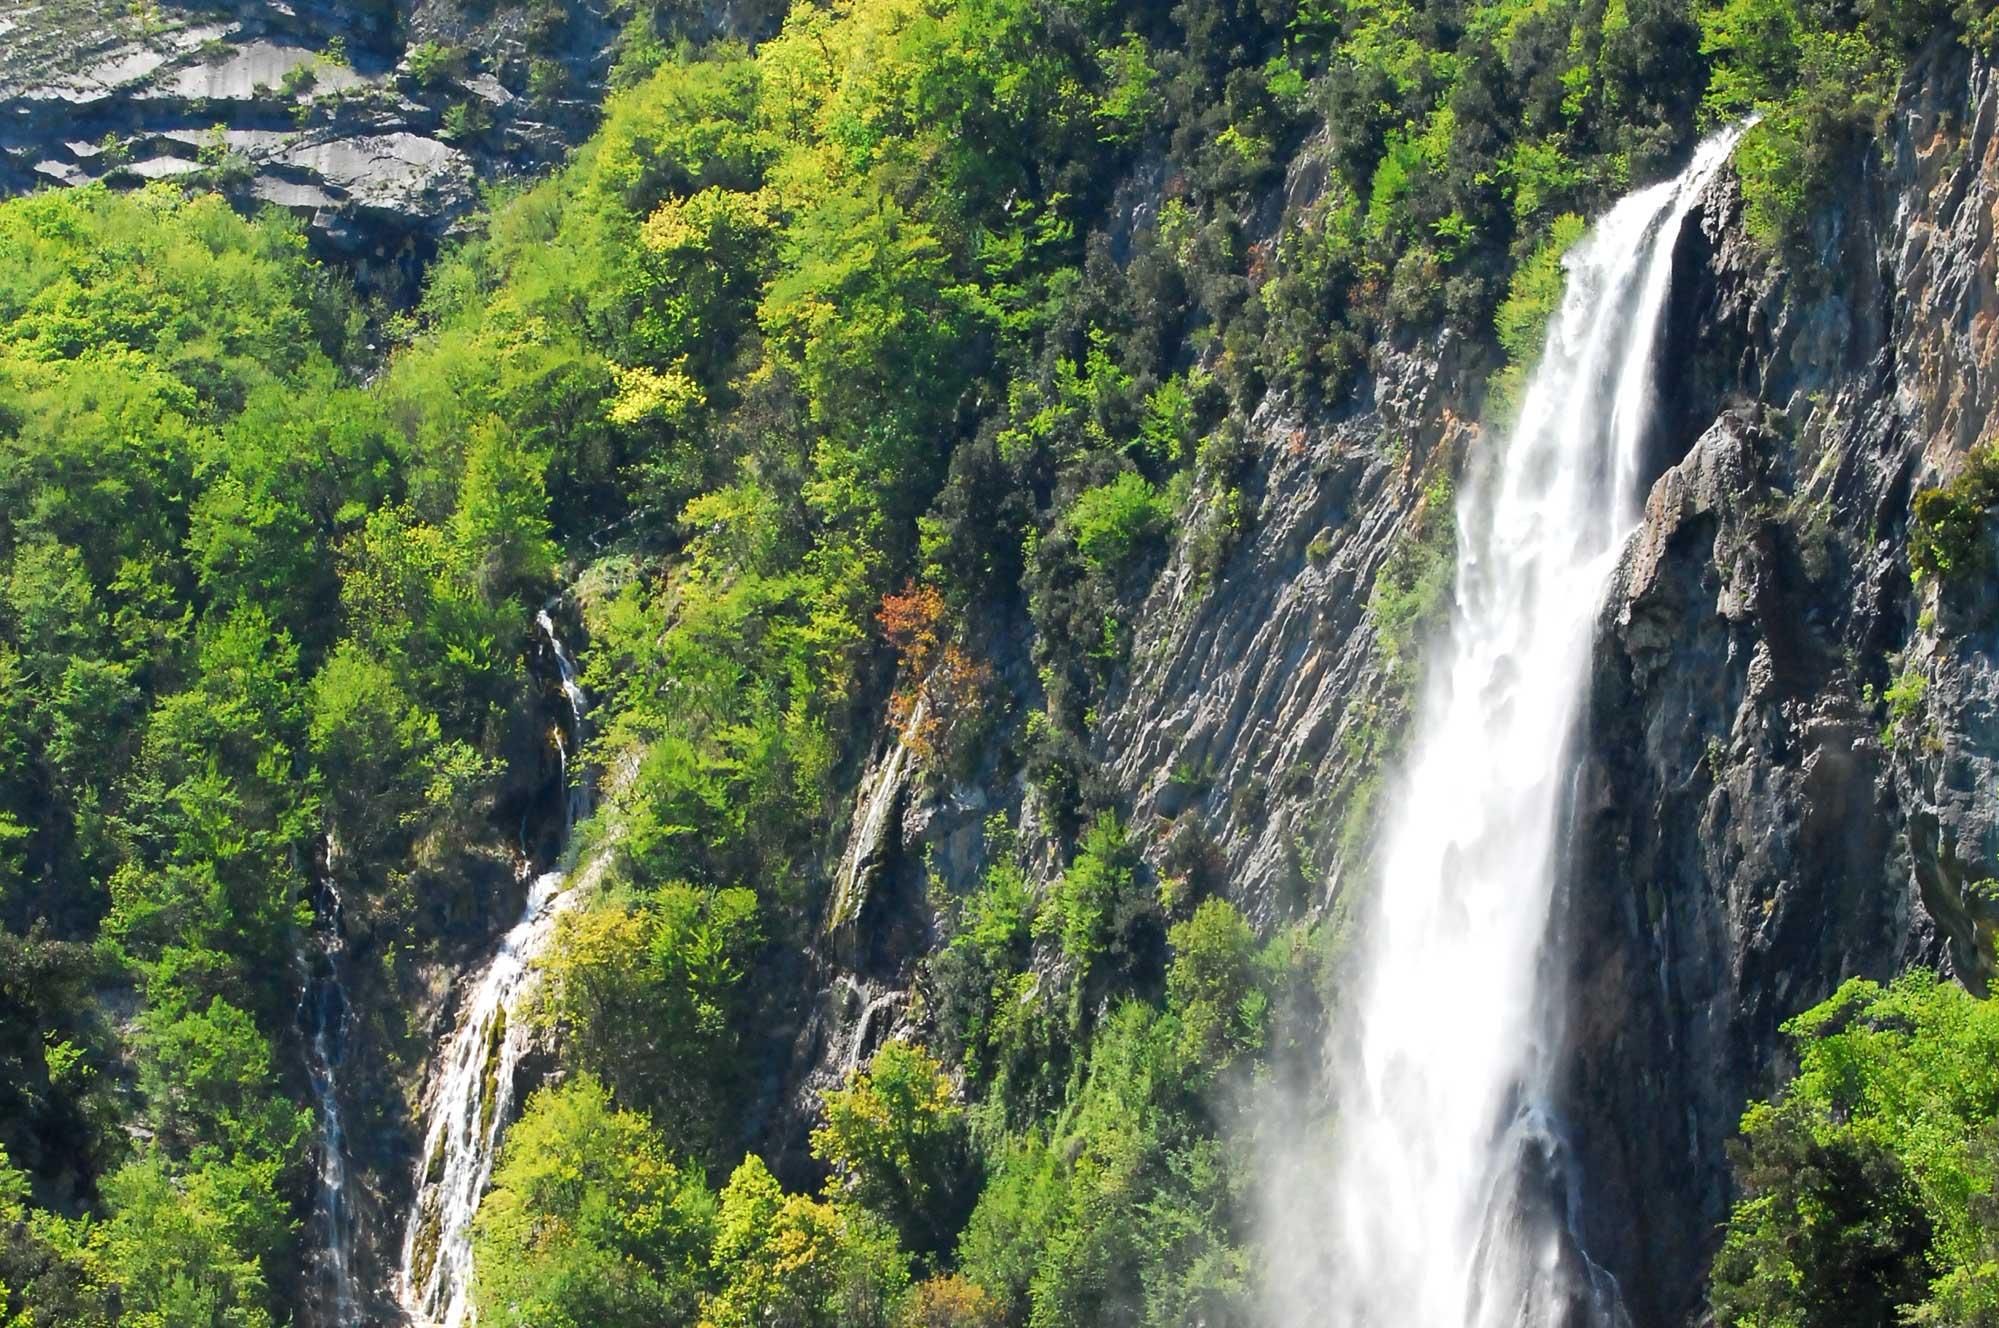 Morino, una tavola rotonda ai piedi della cascata per ribadire l'importanza delle risorse idriche e ambientali